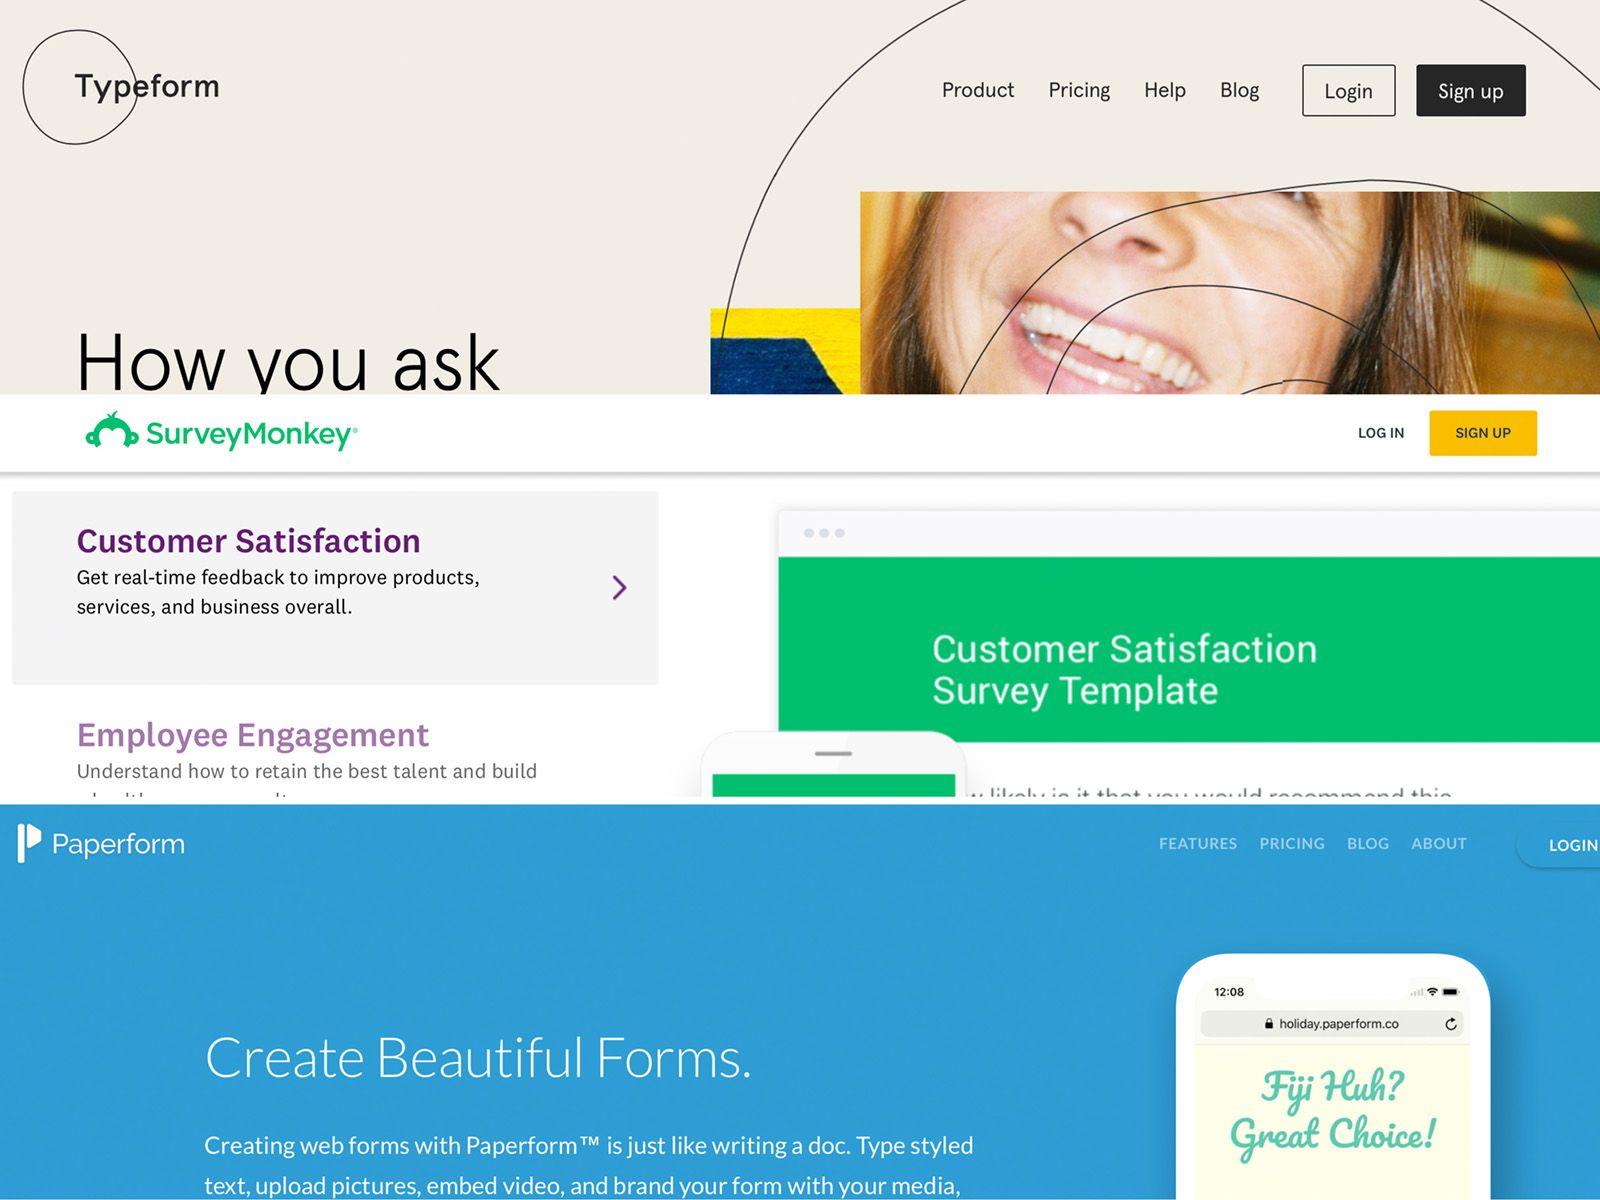 Typeform Alternatives: Typeform vs SurveyMonkey vs Paperform